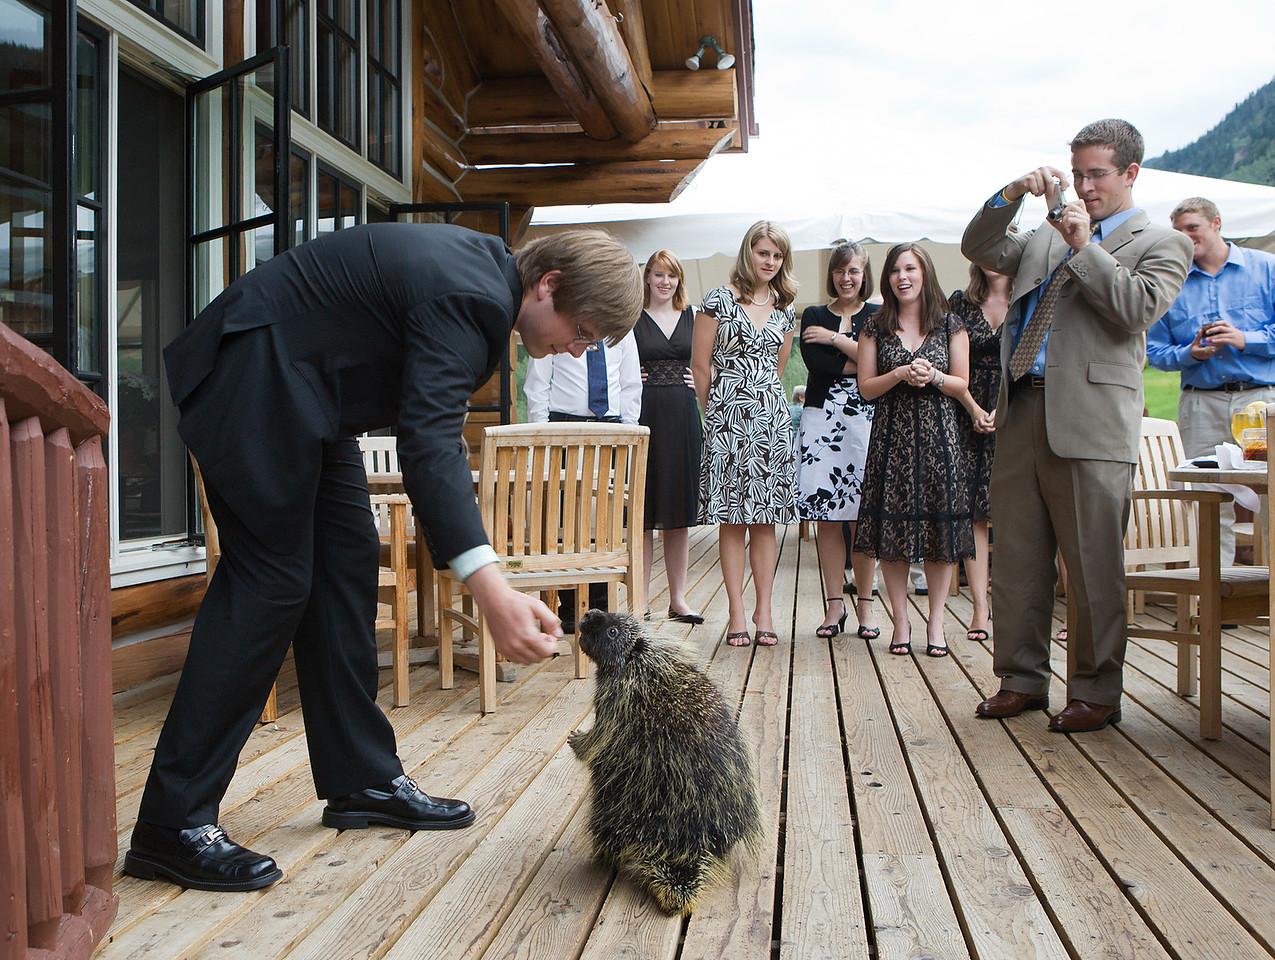 Surprise guest at a Colorado mountain wedding